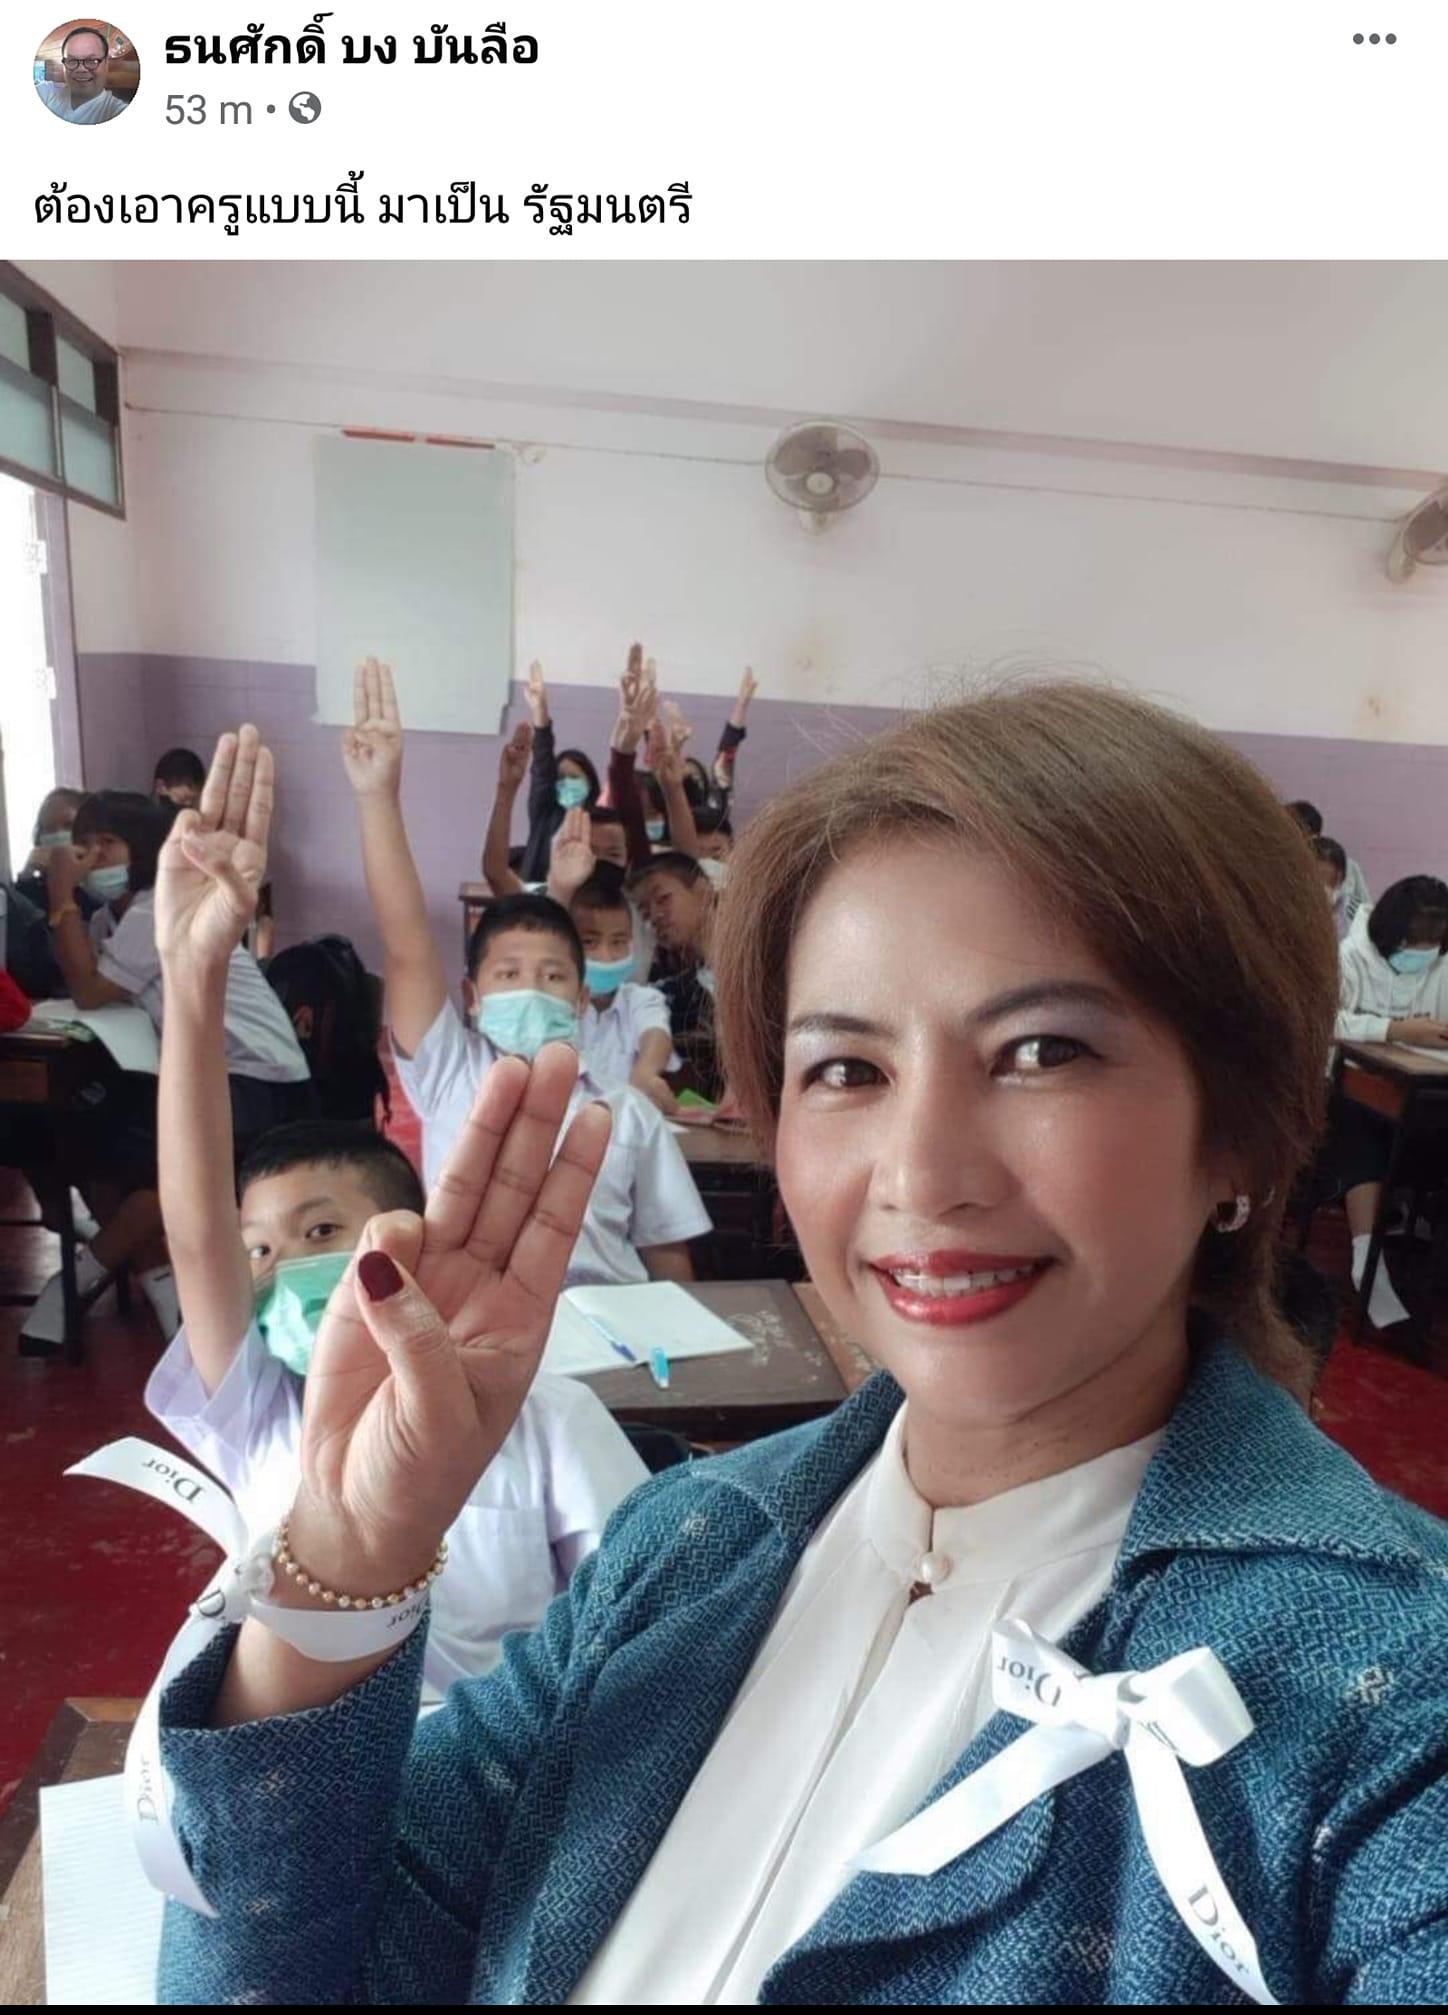 Thai E-News : นี่คือตัวอย่างของการส่งเสริมการศึกษาที่ถูกต้อง  ที่ระบบการศึกษาและประเทศนี้ต้องการ ❤️ #ผูกโบว์ขาว